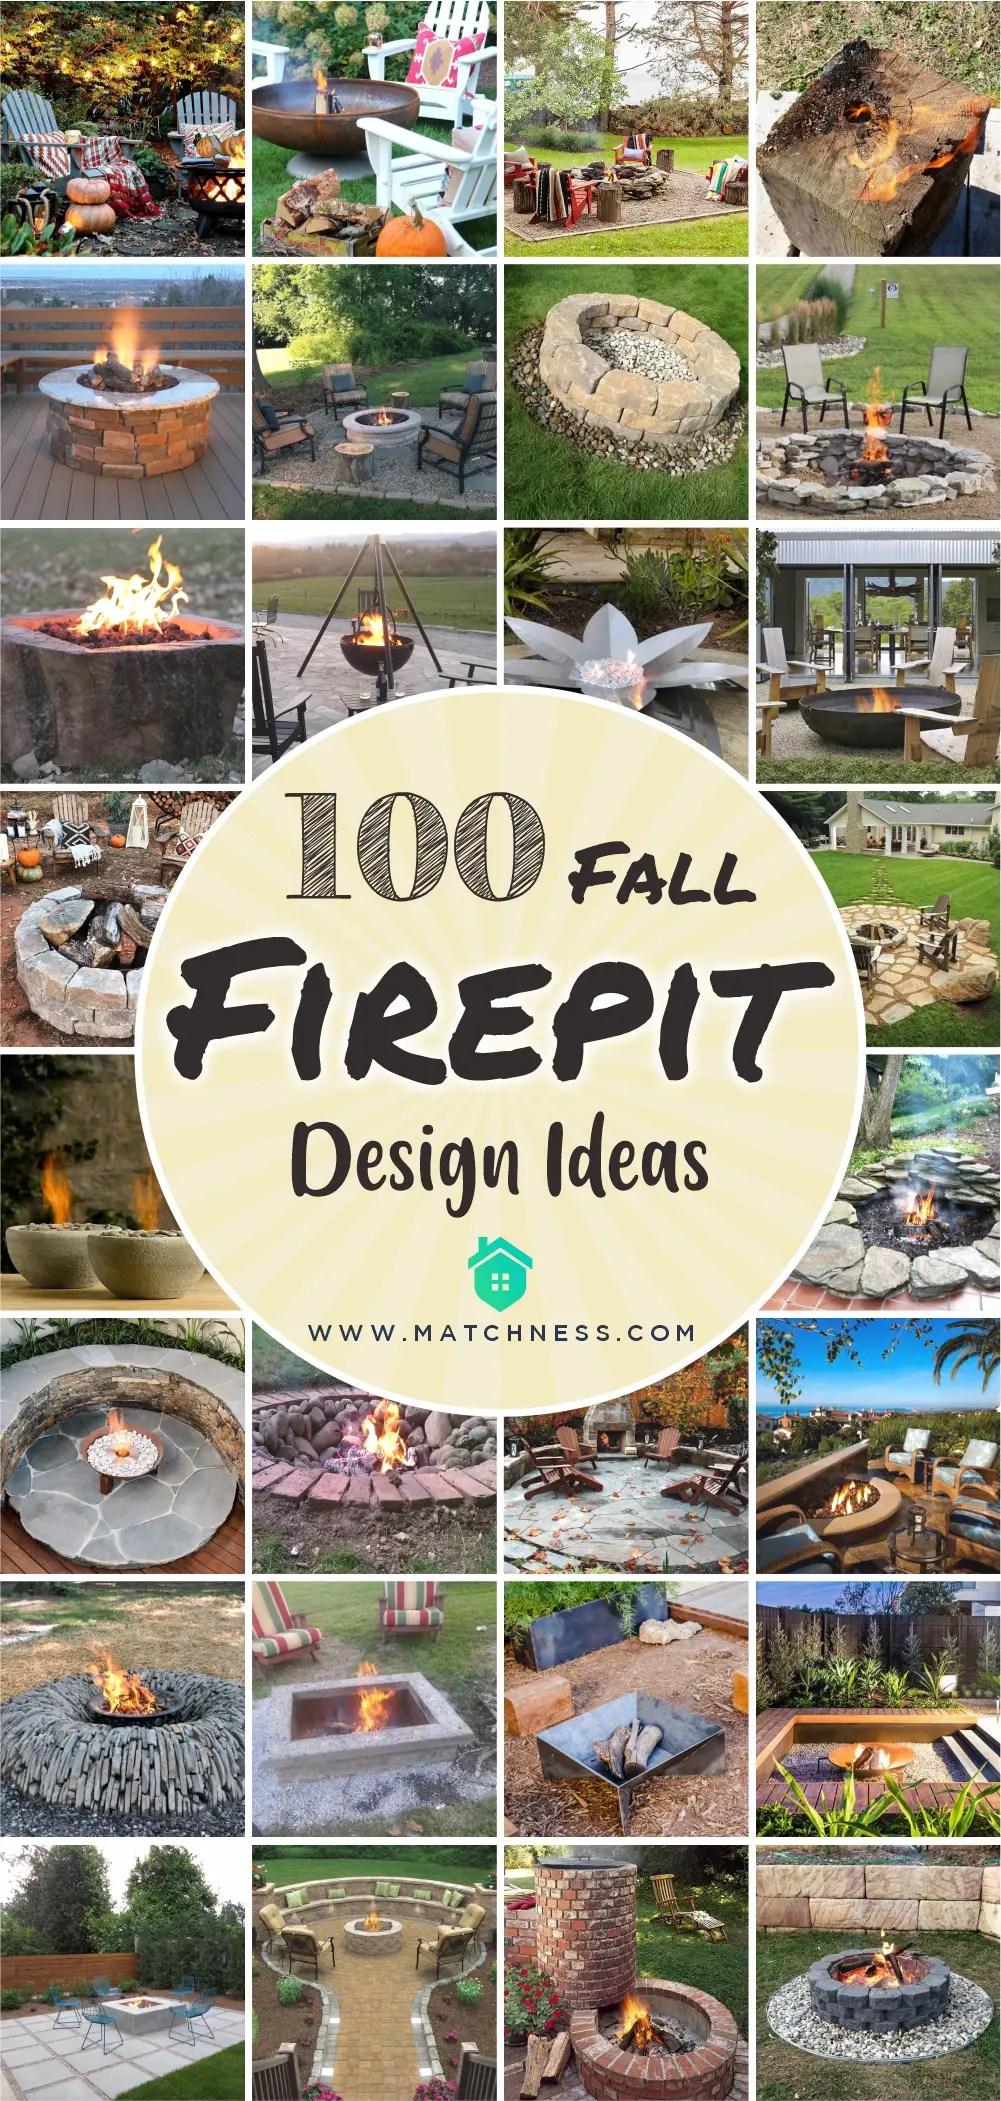 100-fall-firepit-design-ideas-1